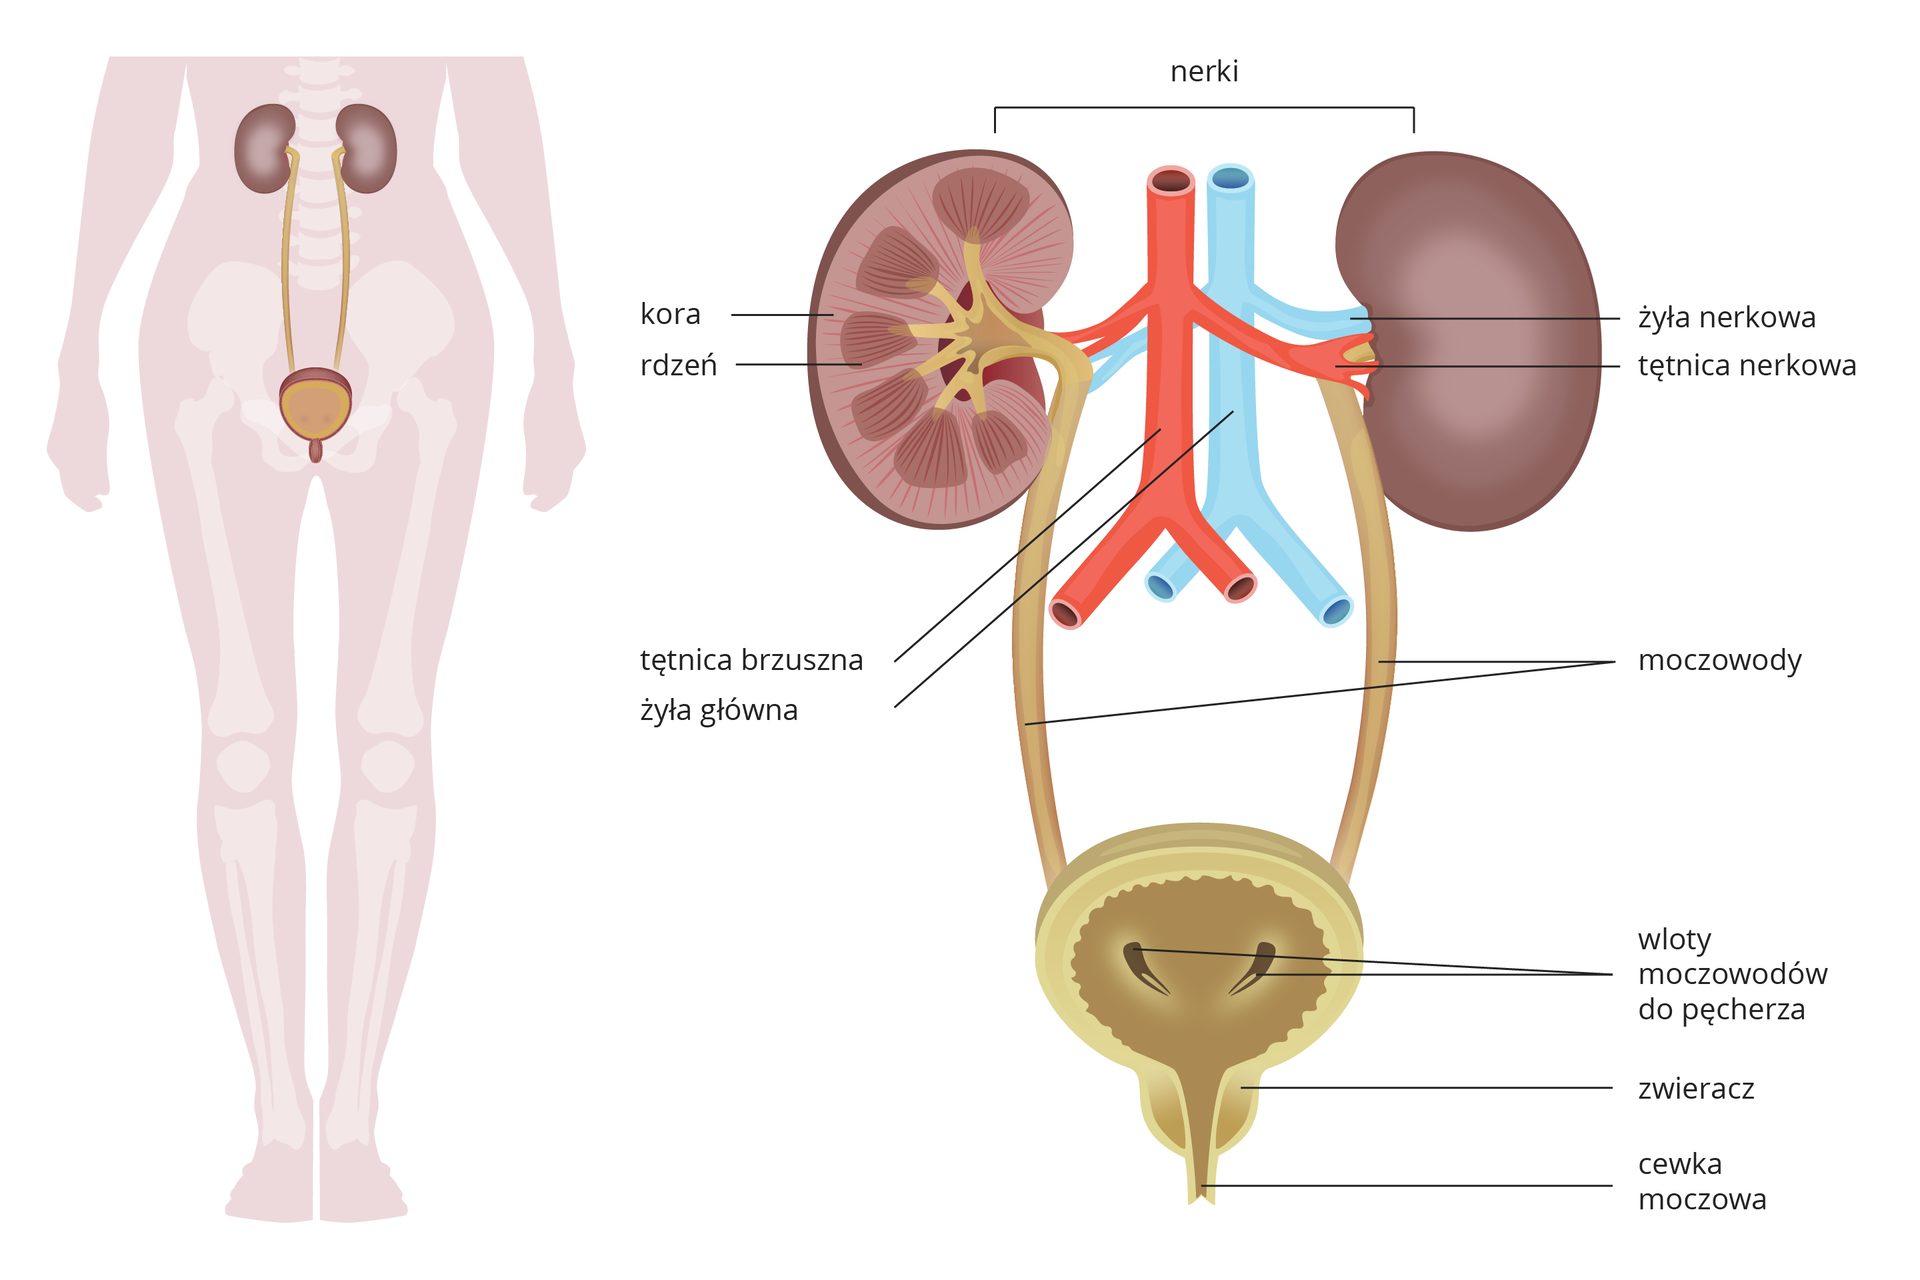 Ilustracja zlewej na sylwetce człowieka przedstawia umiejscowienie narządów układu moczowego. Zprawej przedstawiono budowę narządów. Ugóry dwie fioletowe nerki, jedna wprzekroju. Między nimi niebieska żyła główna iżyła nerkowa oraz czerwona tętnica brzuszna itętnica nerkowa. Na przekroju nerki podpisano jaśniejszą korę iciemniejszy, prążkowany rdzeń. Od nerki wdół beżowe rurki –moczowody, wpadające do okrągłego pęcherza moczowego wprzekroju pionowym. Wskazano zgrubienie udołu pęcherza – zwieracz icewkę moczową.